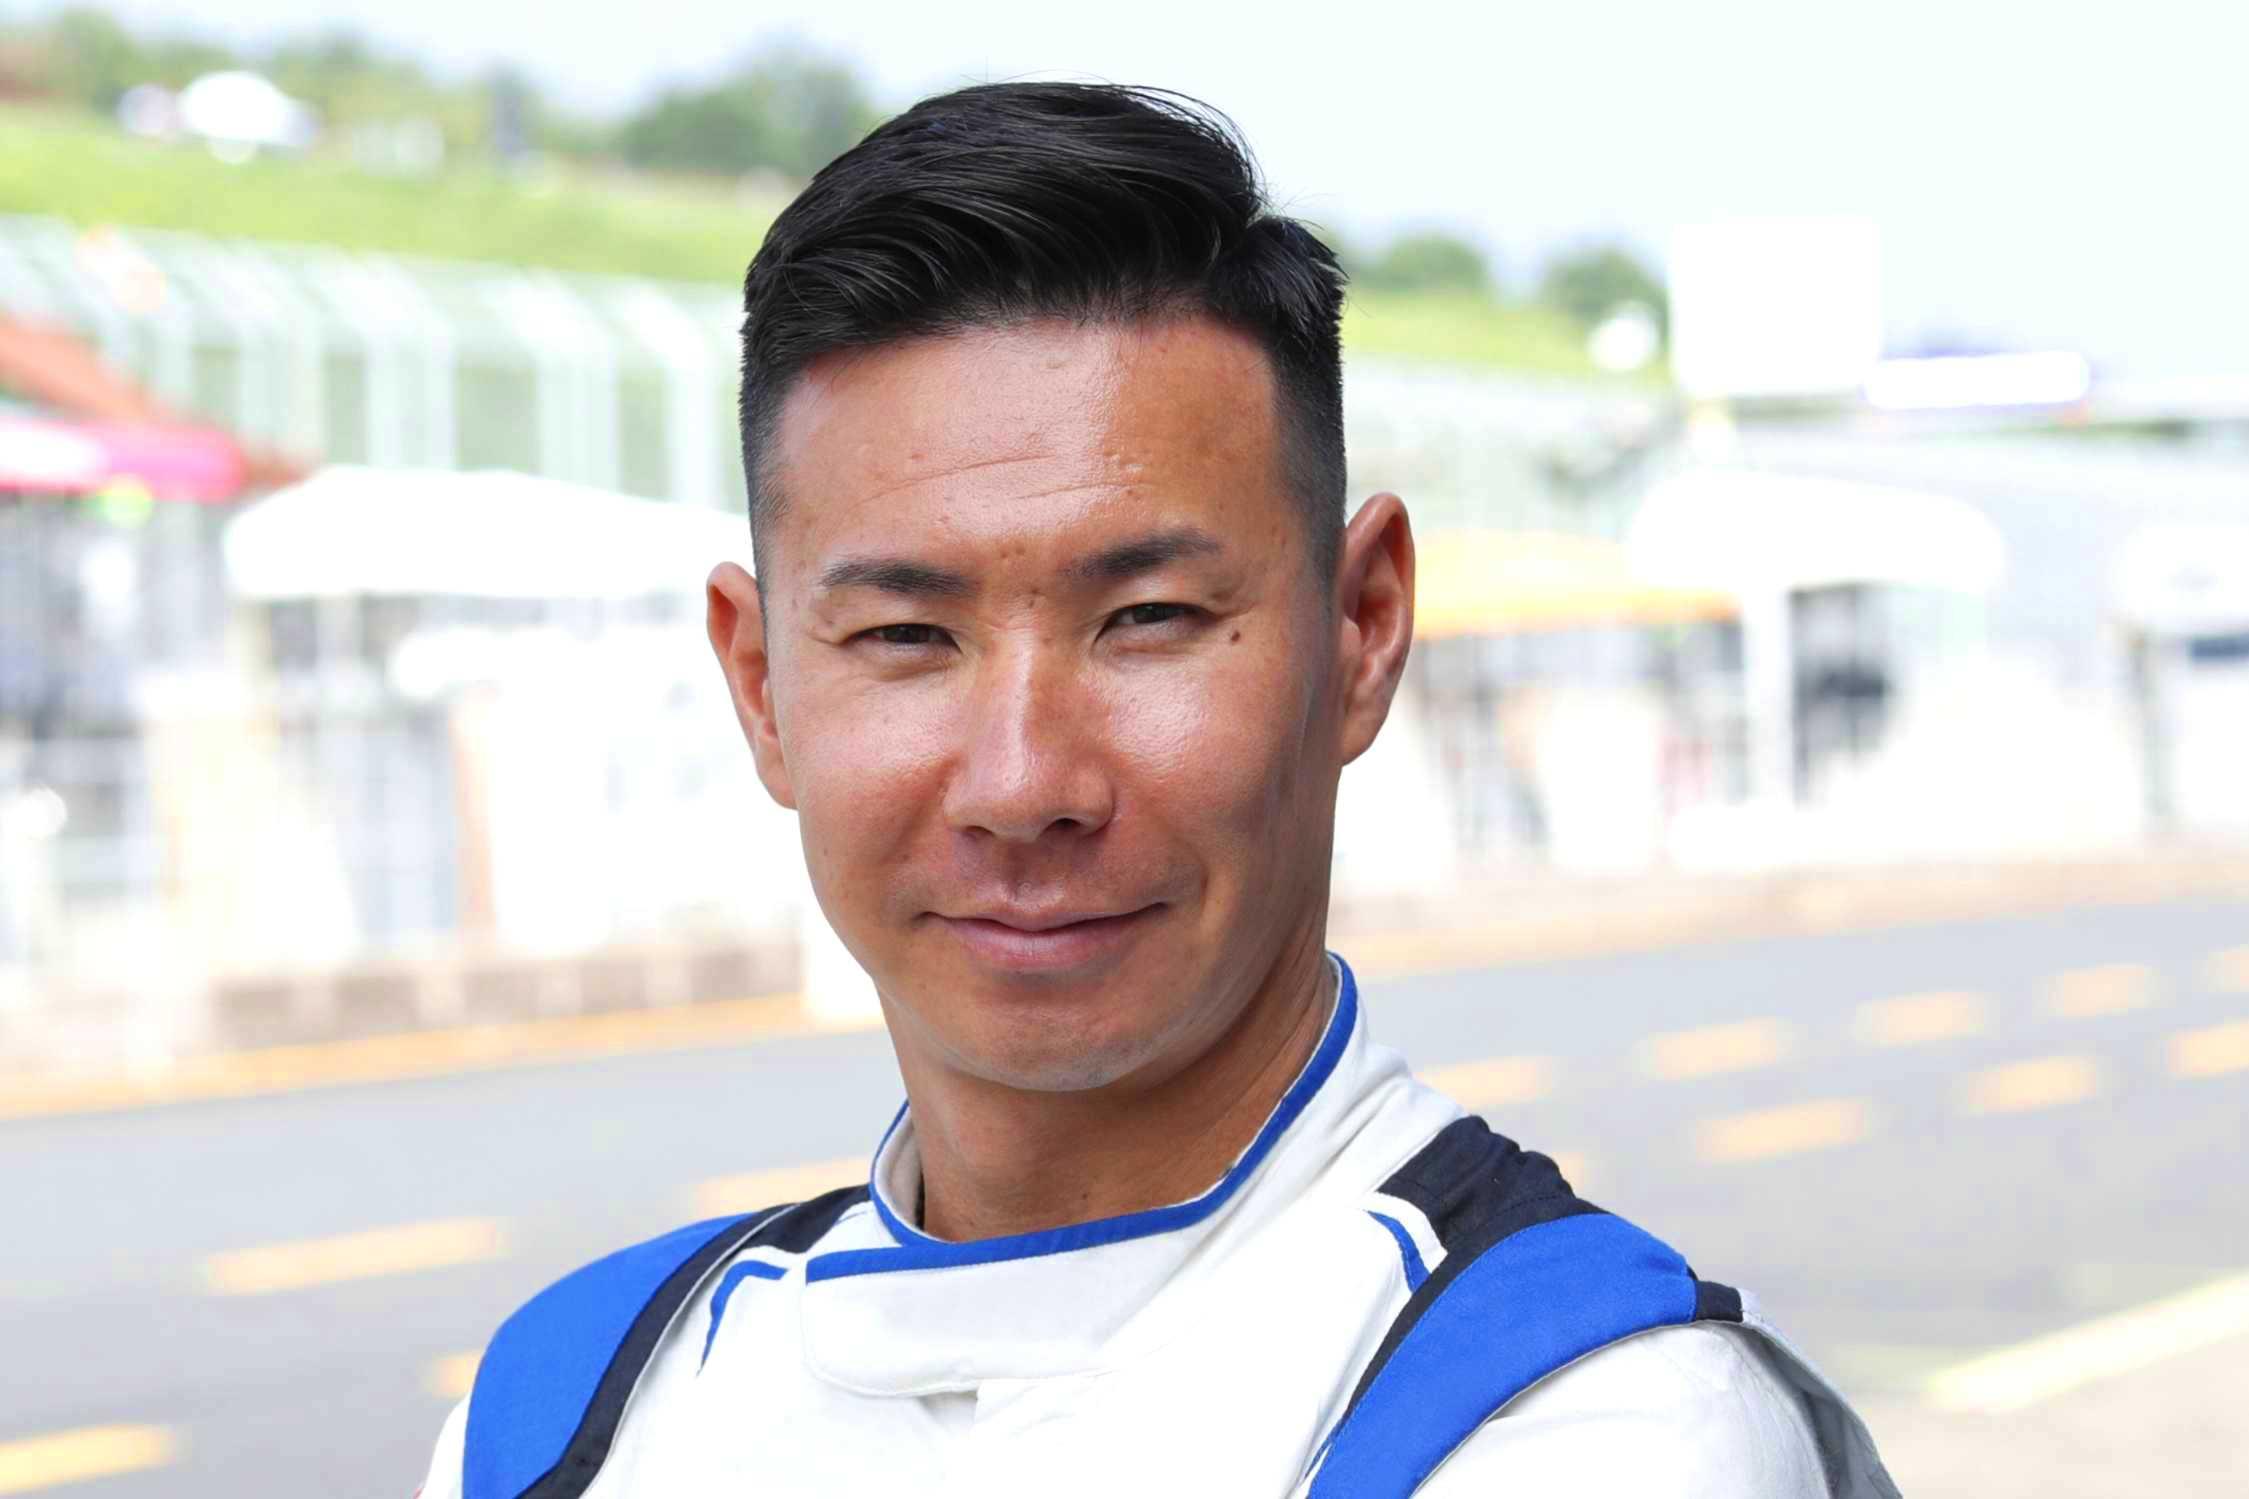 """Kamui Kobayashi: """"Me gustaría agradecer aBMW Motorsport por ofrecerme la oportunidad de competir en uno de sus autos BMW M4 DTM"""""""